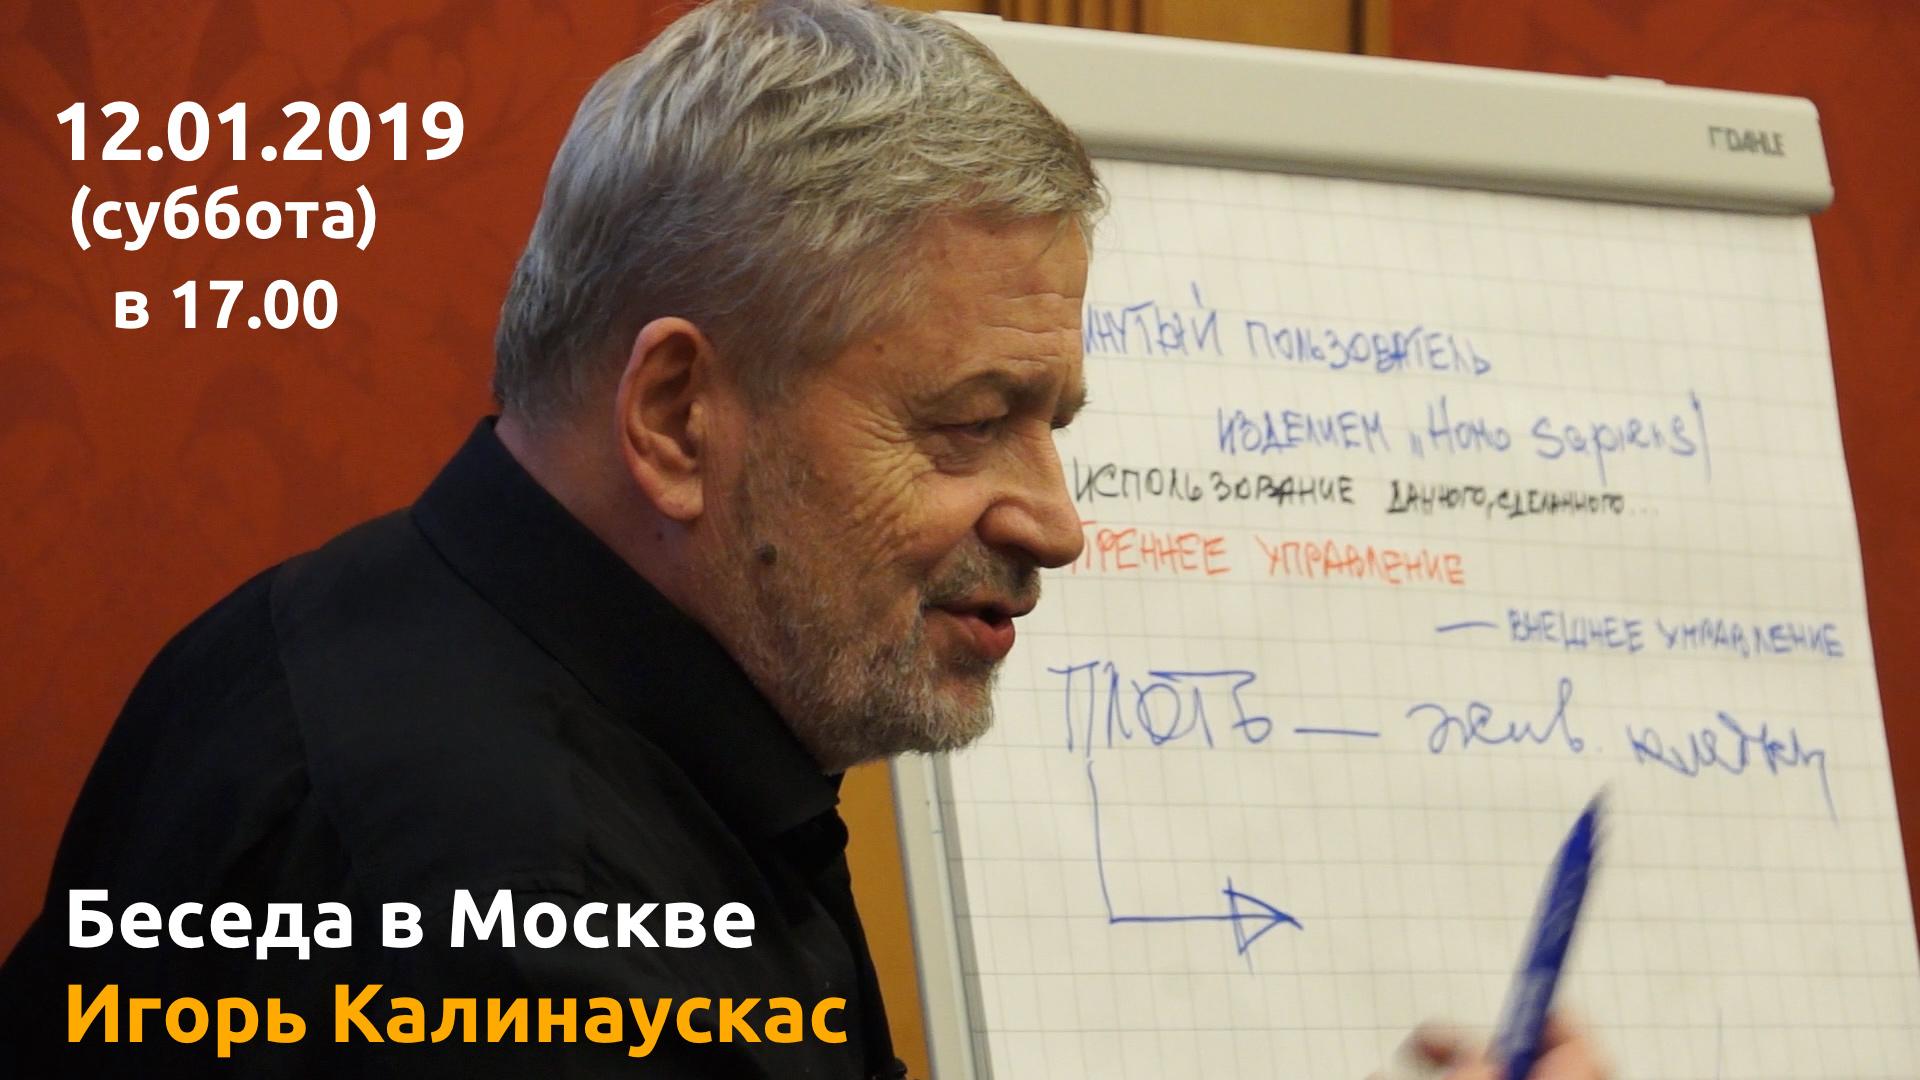 Беседа «Управляют тобой. Управляешь собой?» в Москве, 12 января в 17.00 00142